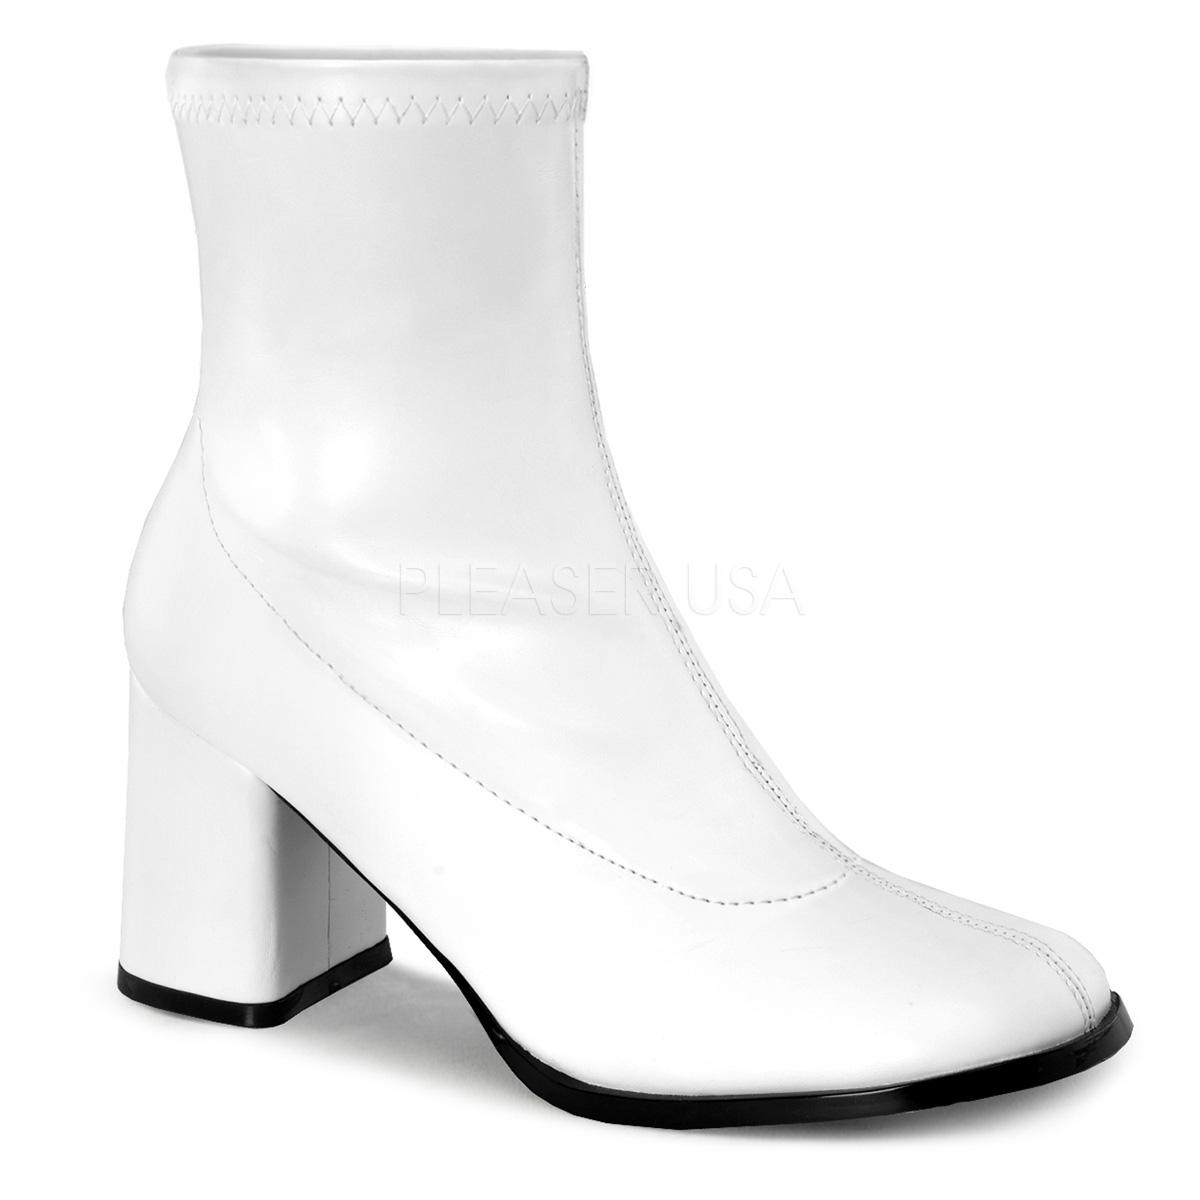 23c7b5dde9c04f Comment porter des bottines blanches vernies rétro